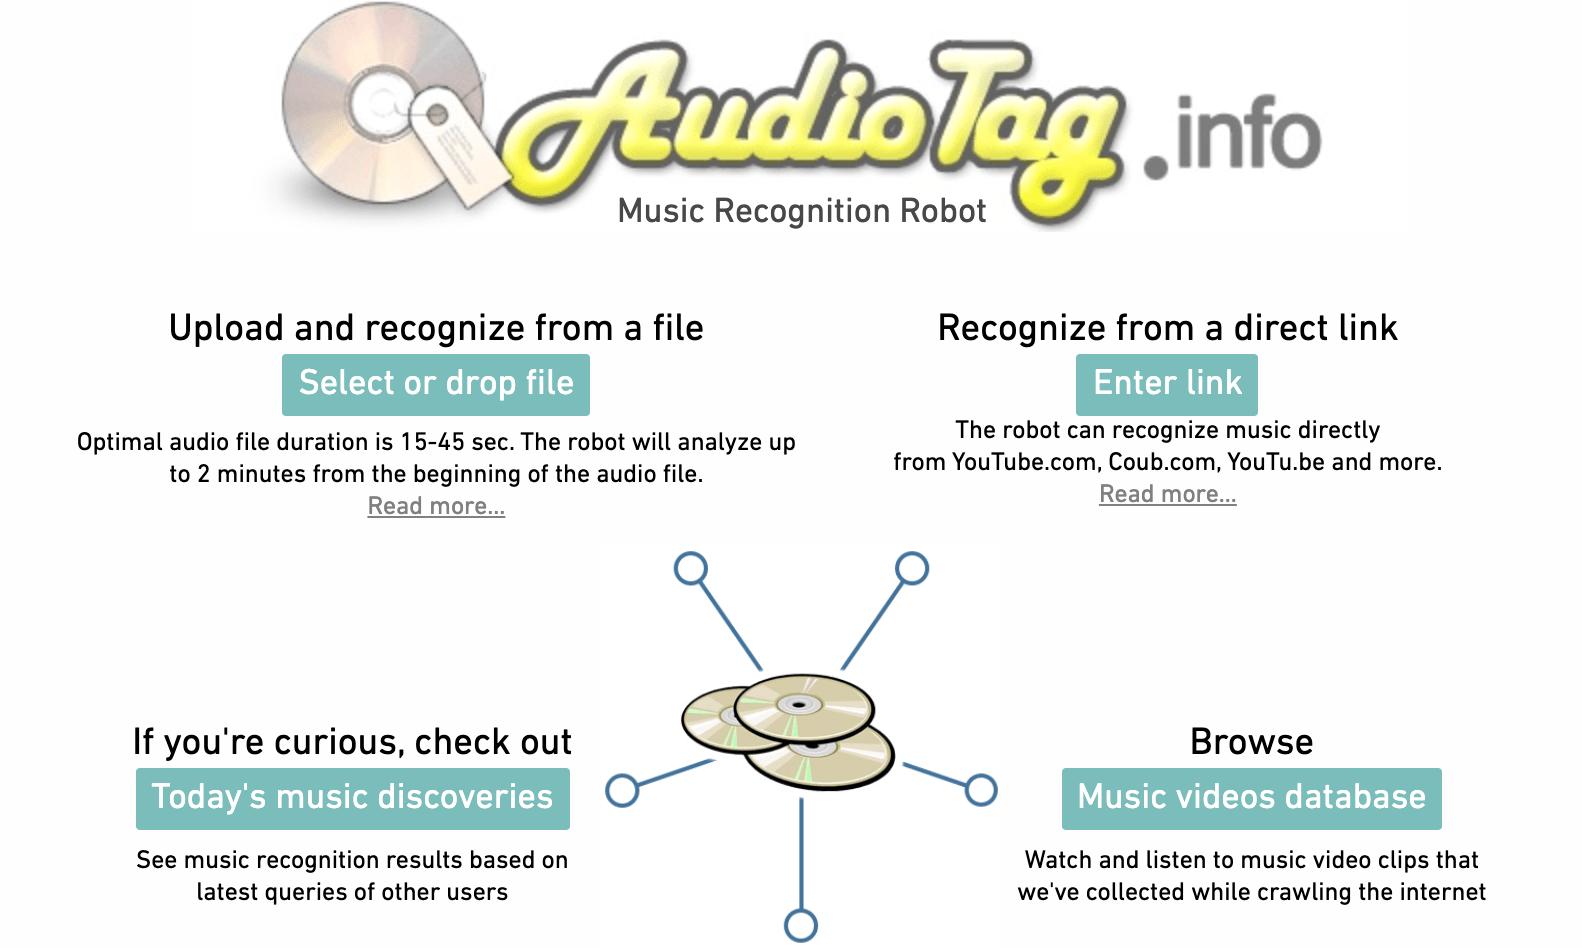 Tìm kiếm bài hát qua website Audiotag